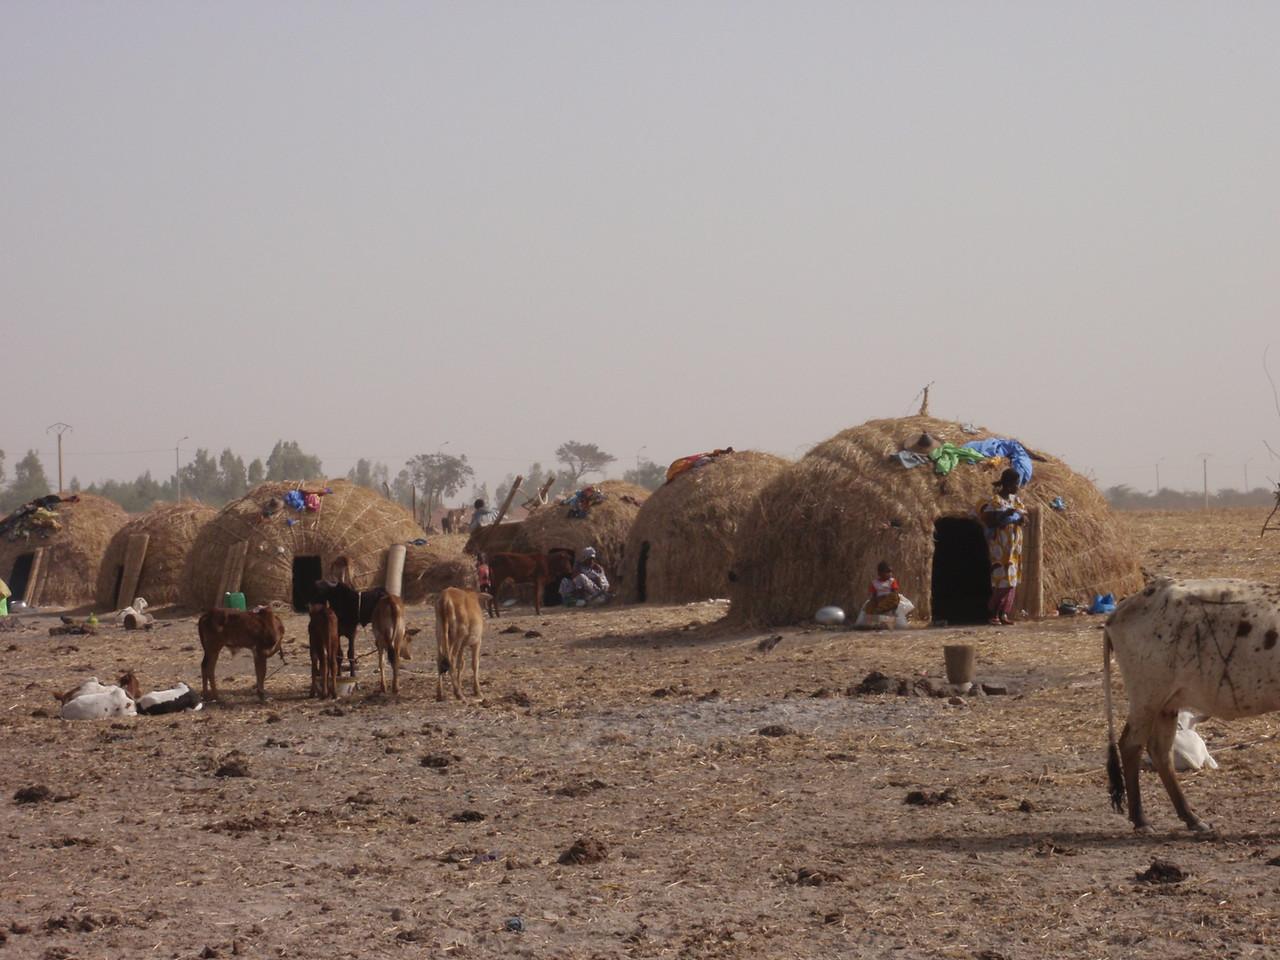 248_Mopti  The Fulani Tribe  Setting-Up The Hut  Part 5